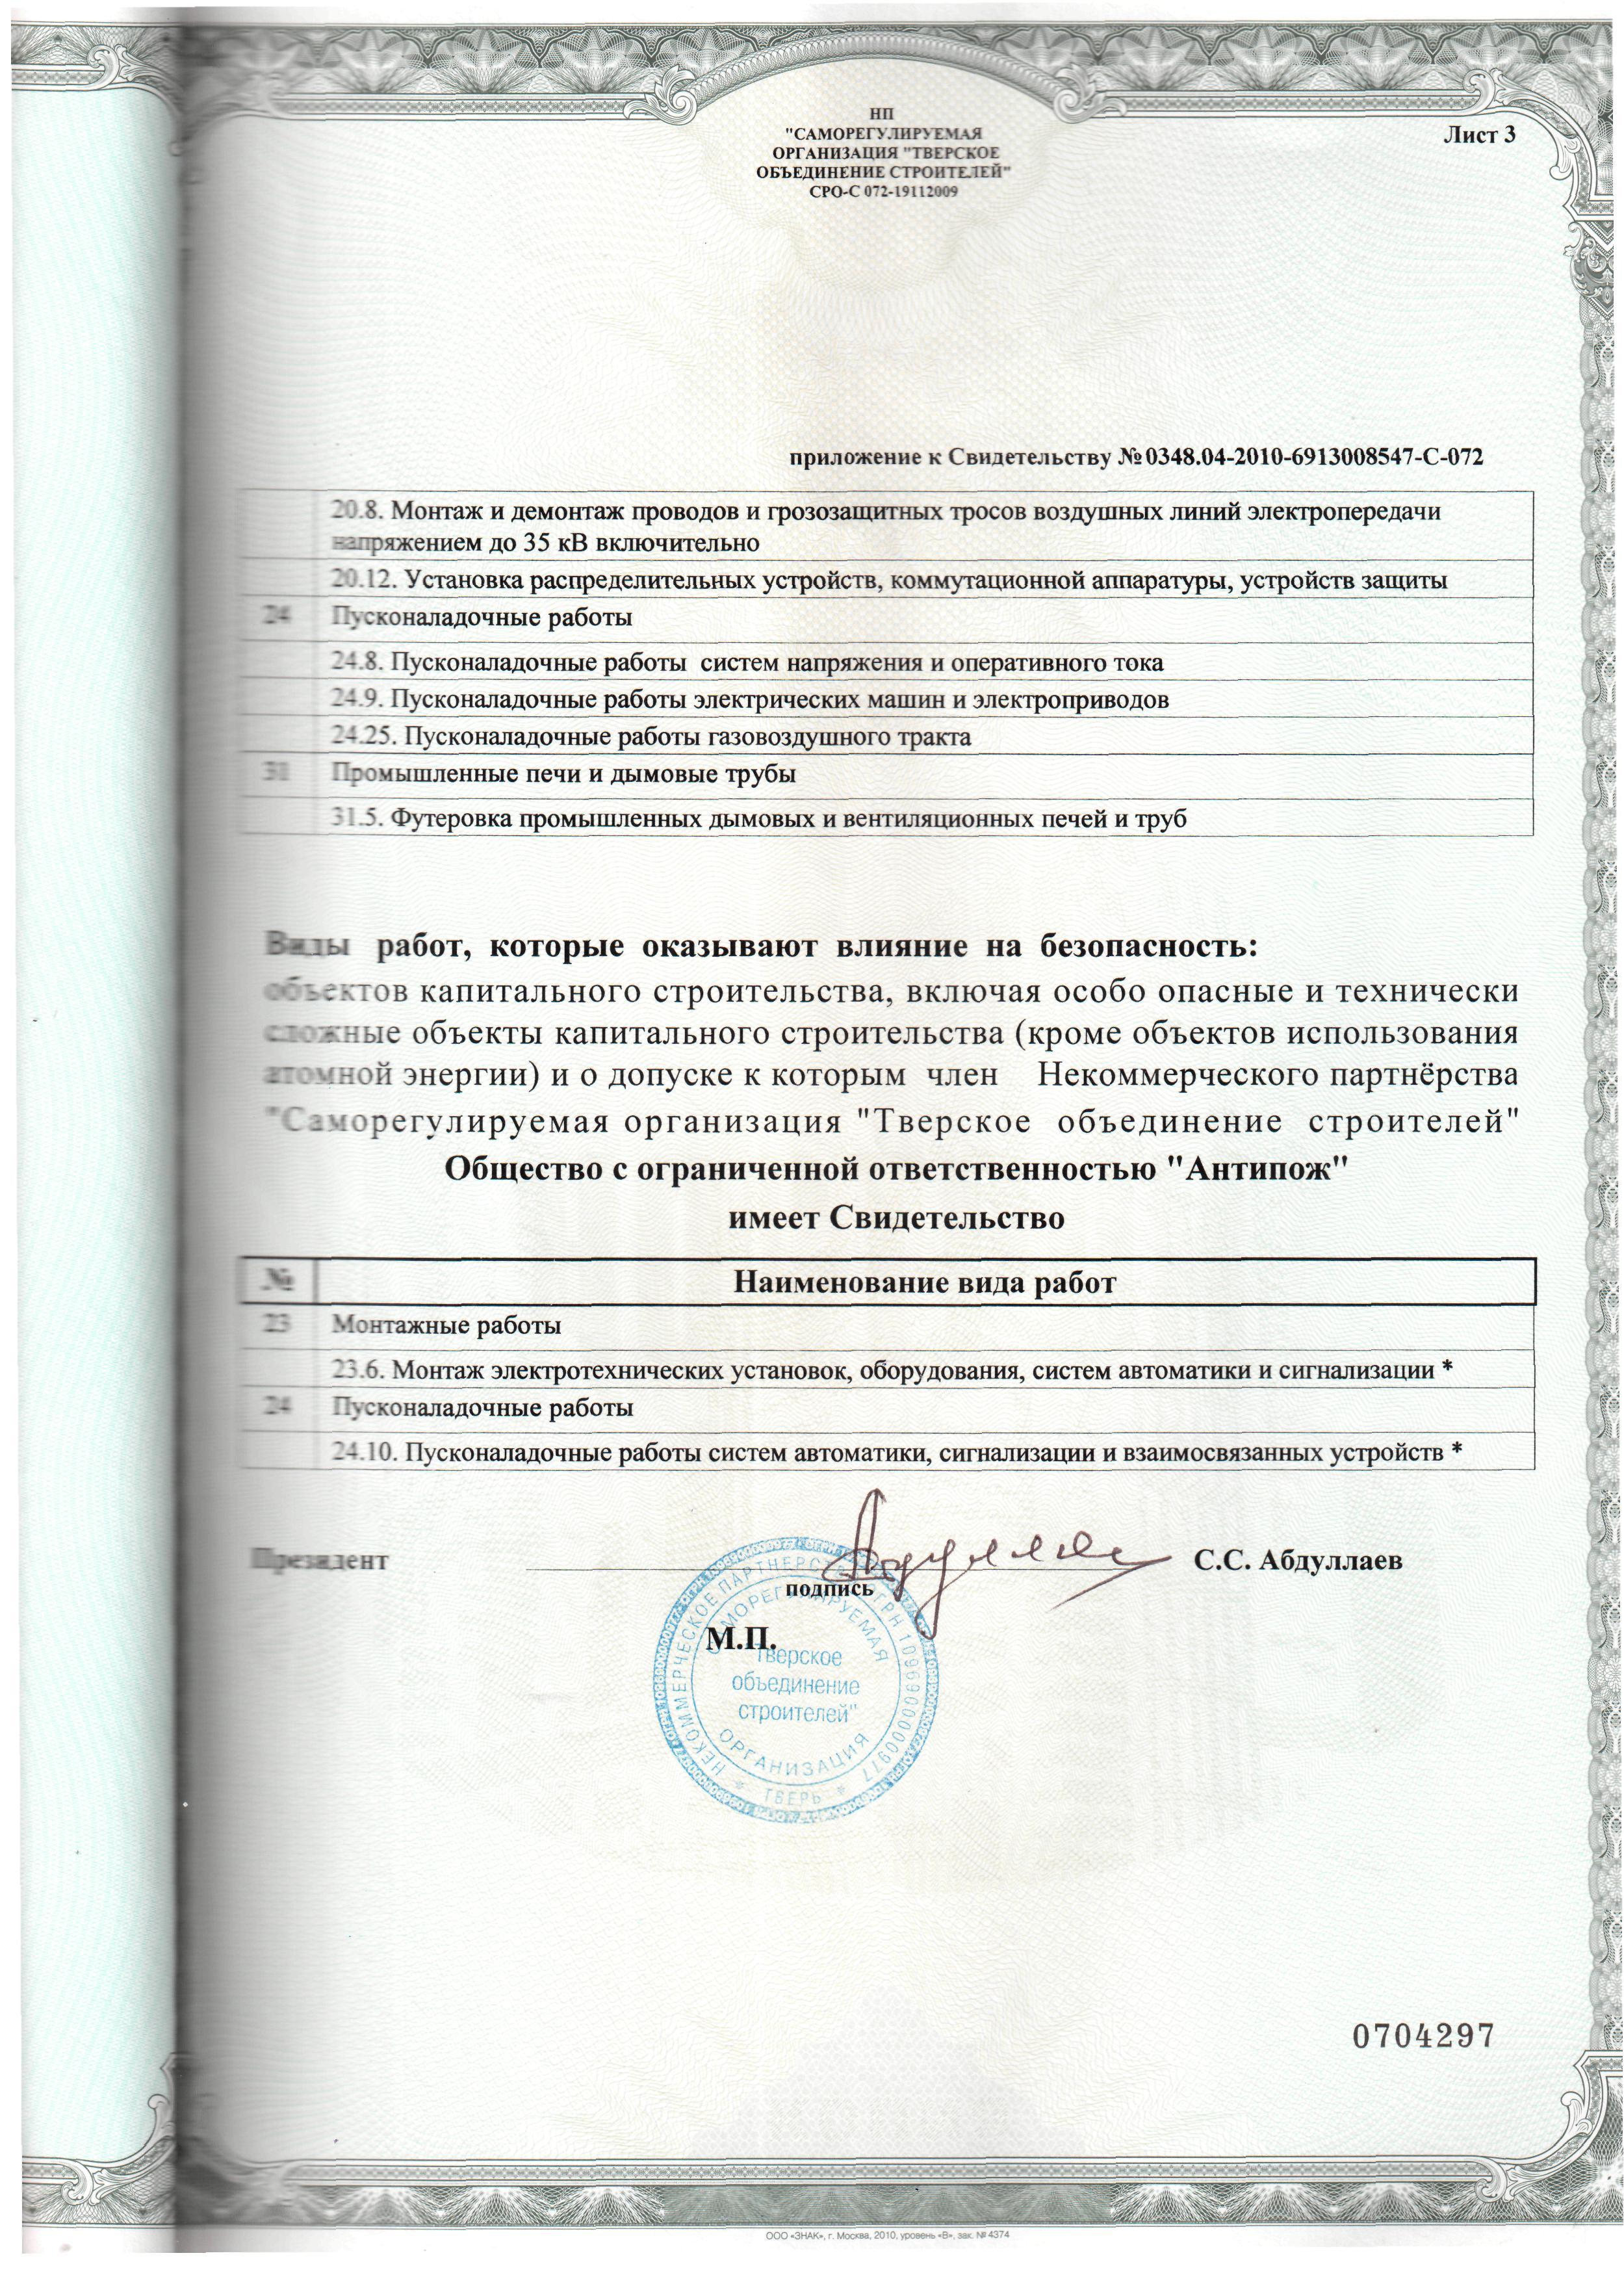 Свидетельство СРО ТОС НОВЕЙШЕЕ Приложение 2 август 2012